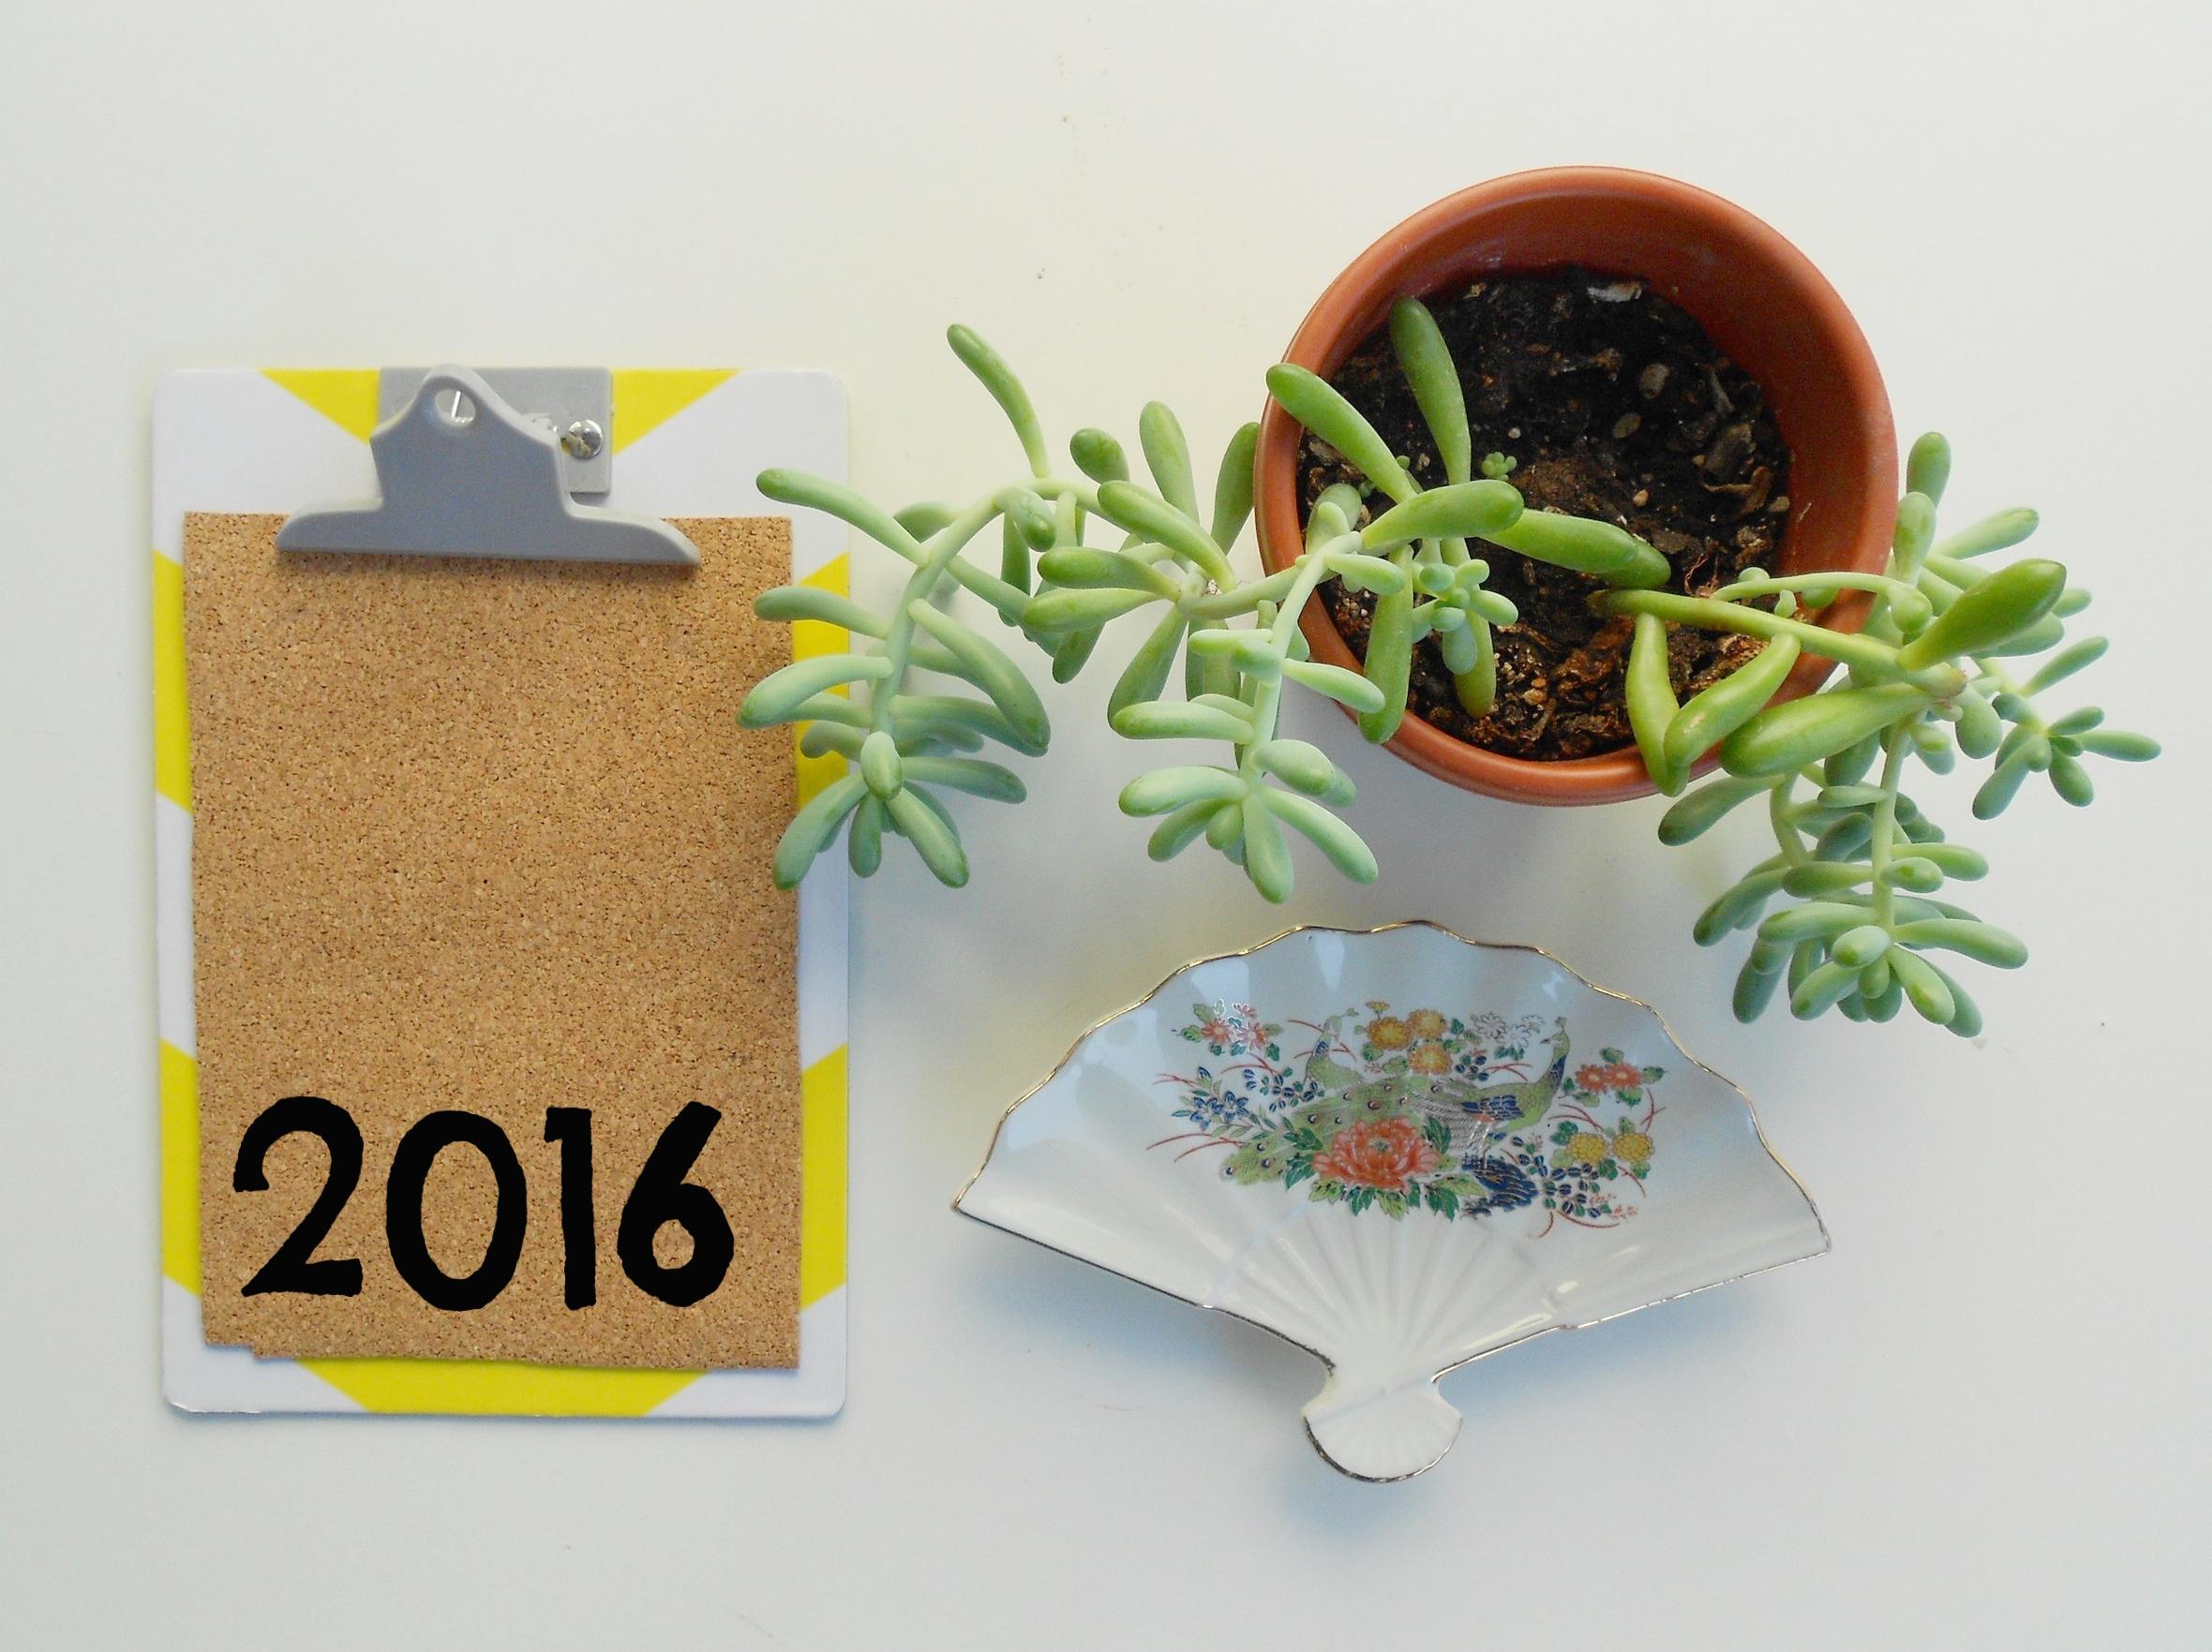 Annual Spending 2016